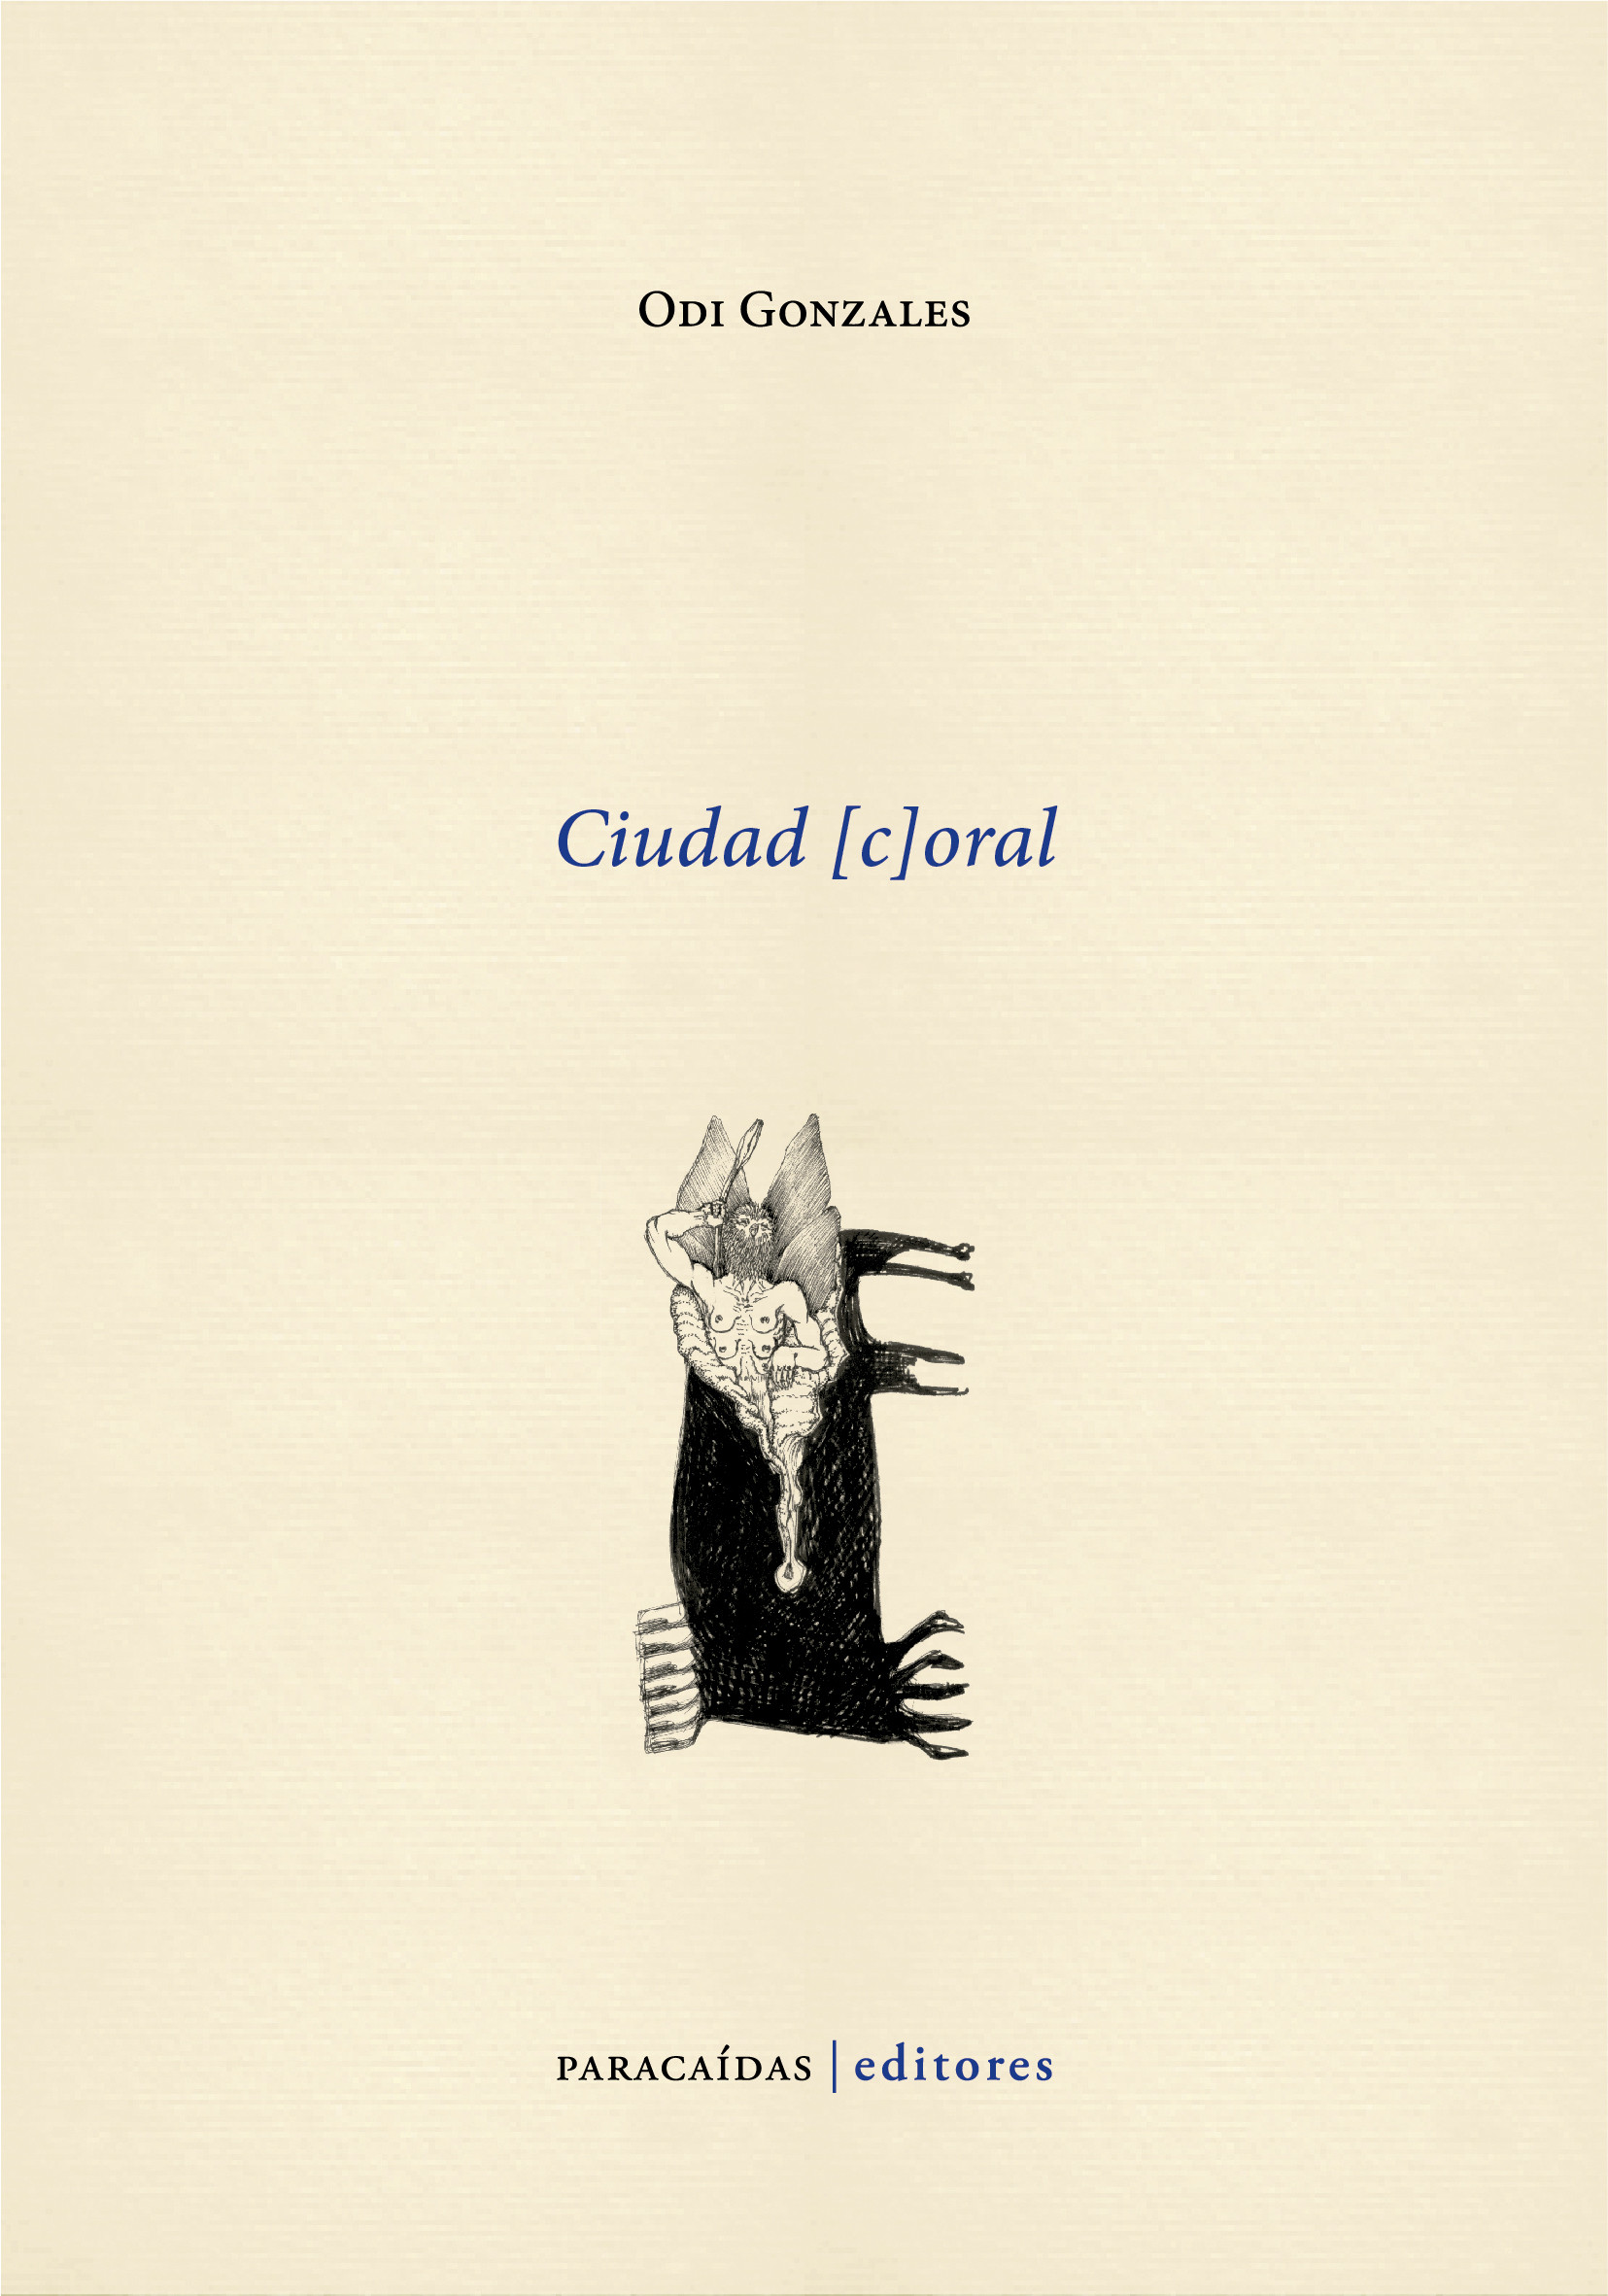 Ciudad [c]oral